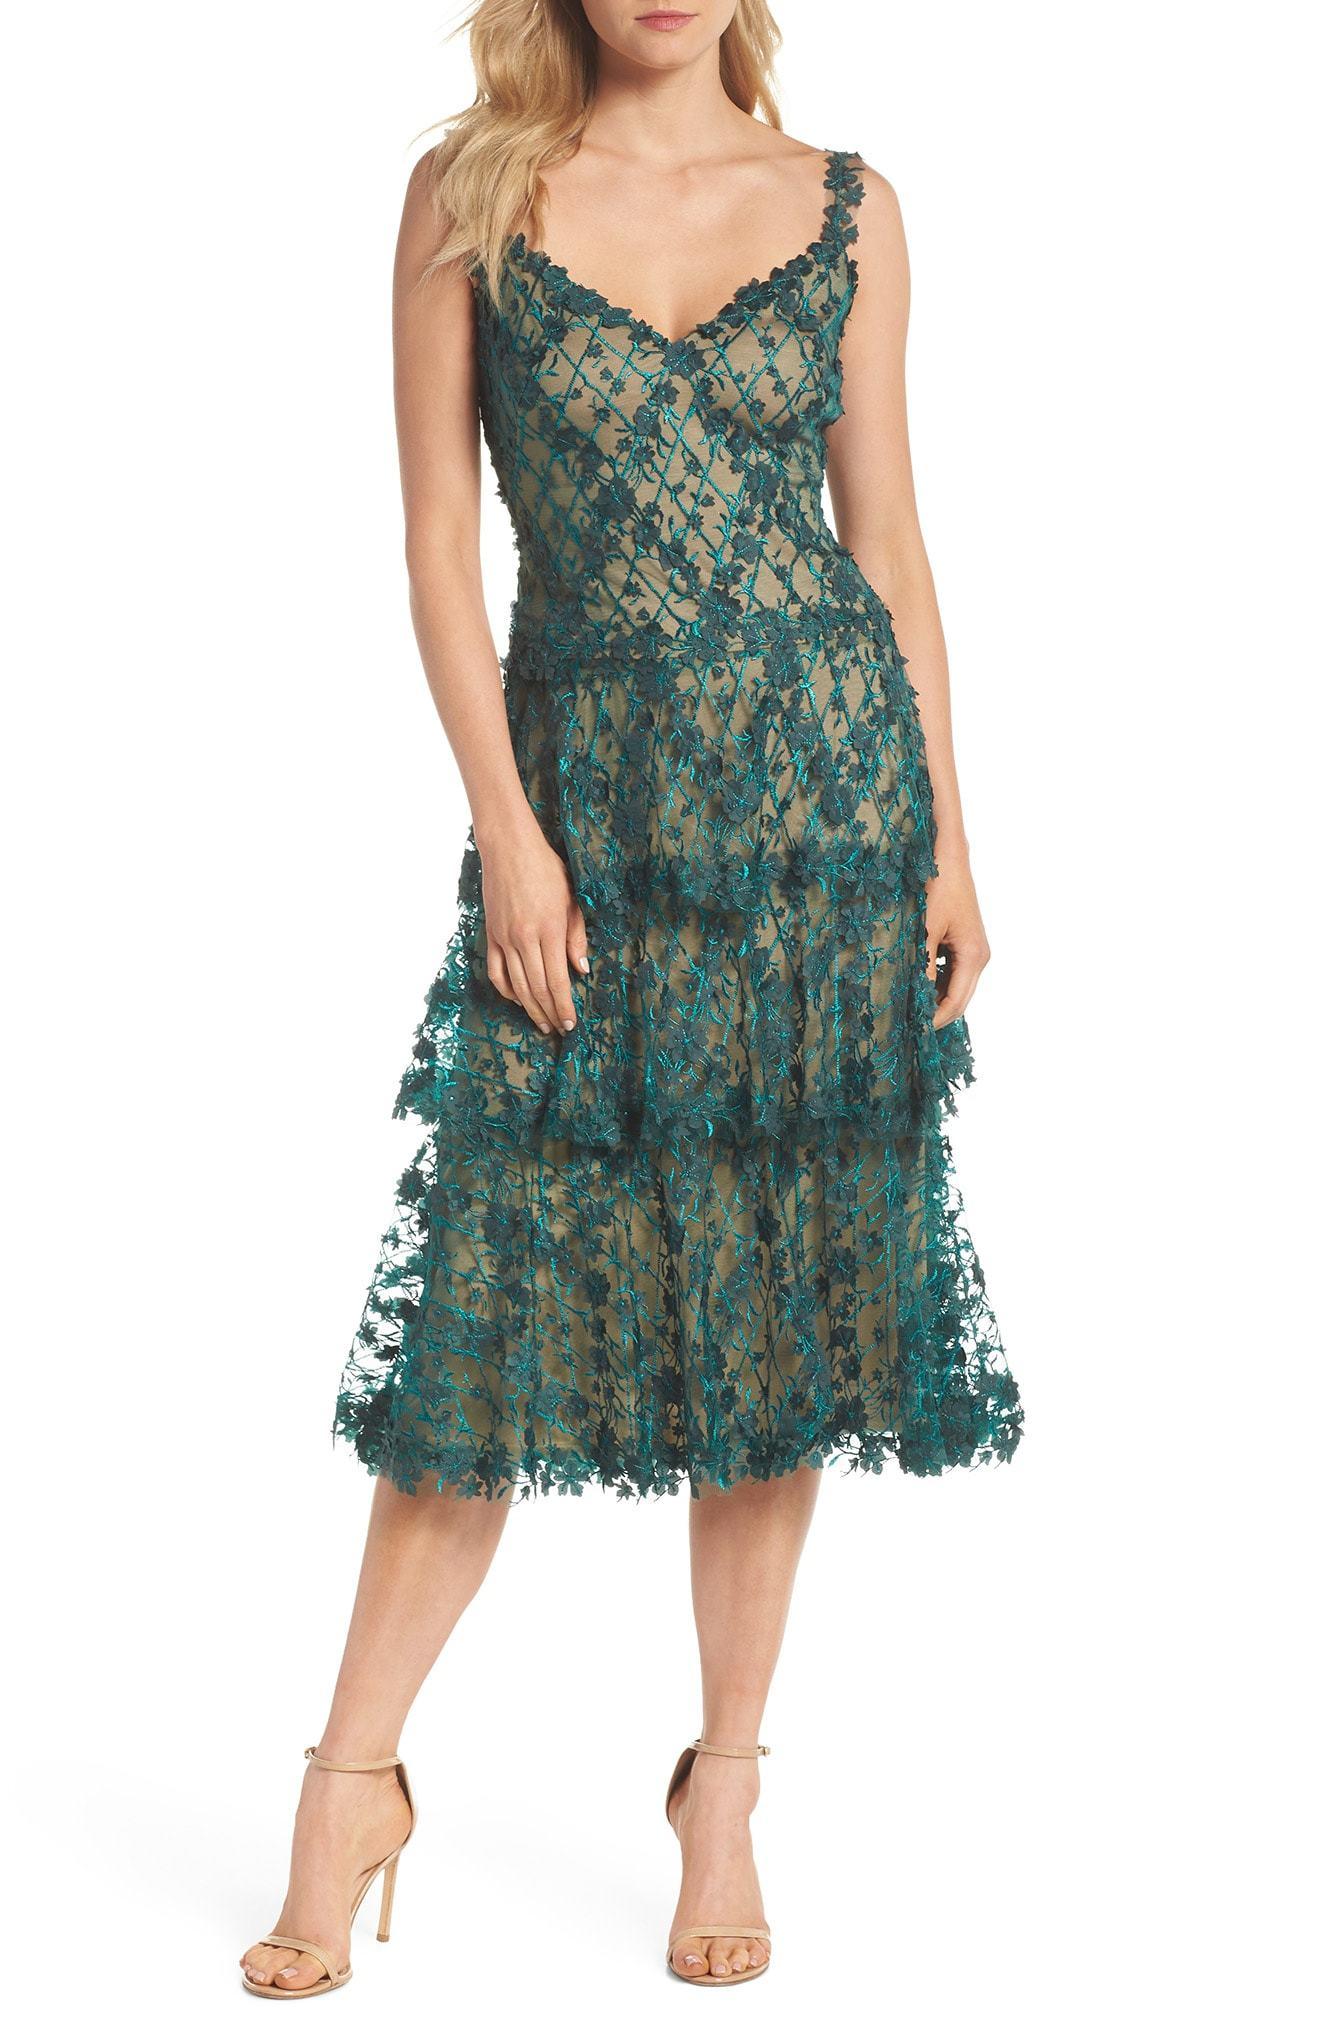 d0dcd89dee573 Tadashi Shoji 3d Floral Midi Dress, $508 | Nordstrom | Lookastic.com